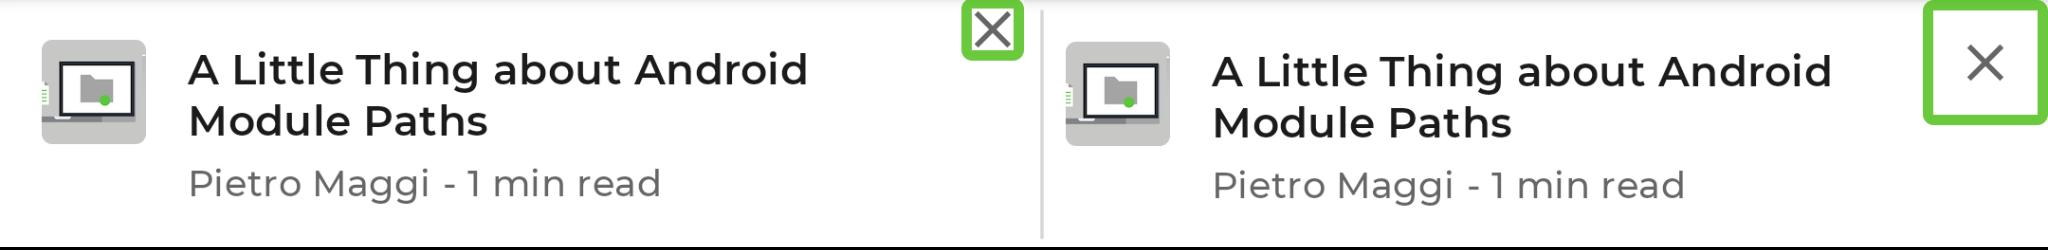 比较一个列表项,左侧显示的是叉号图标的小轮廓,右侧显示的是大轮廓。